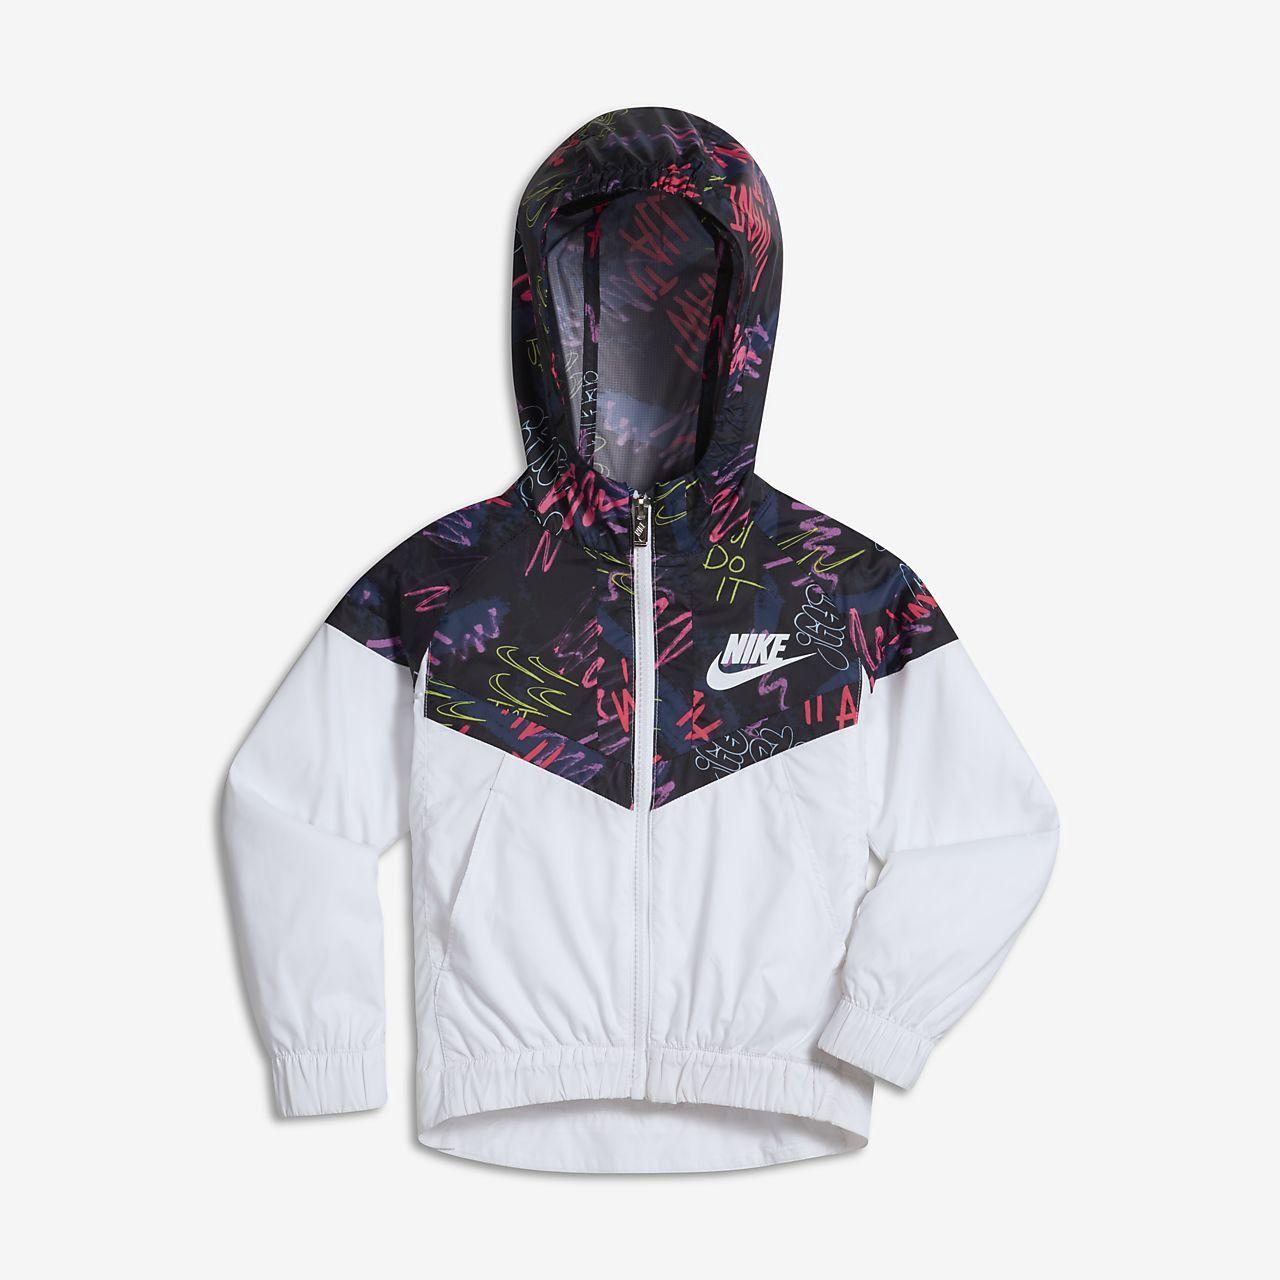 huge selection of b4fd8 07b42 Nike Sportswear Windrunner Little Kids  (Girls ) Jacket - 6X